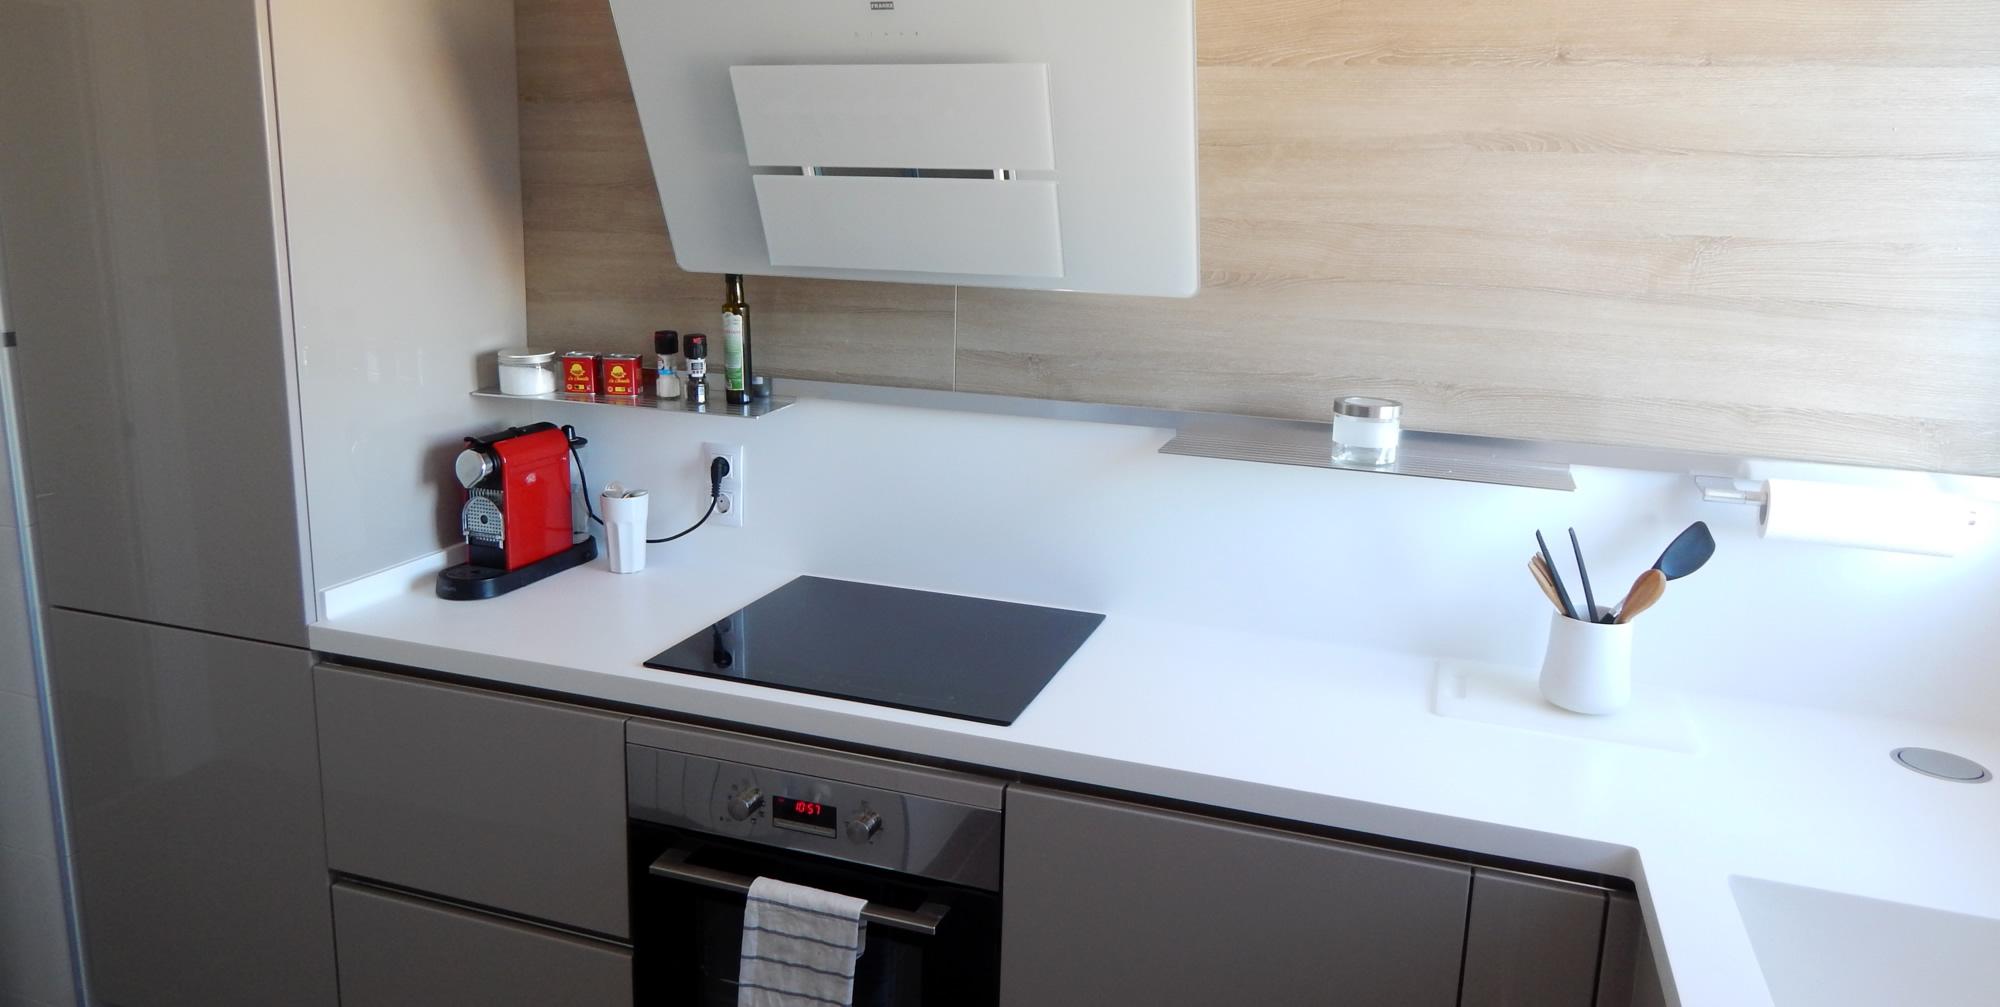 Muebles de cocina modelo 4030 for Frentes de muebles de cocina